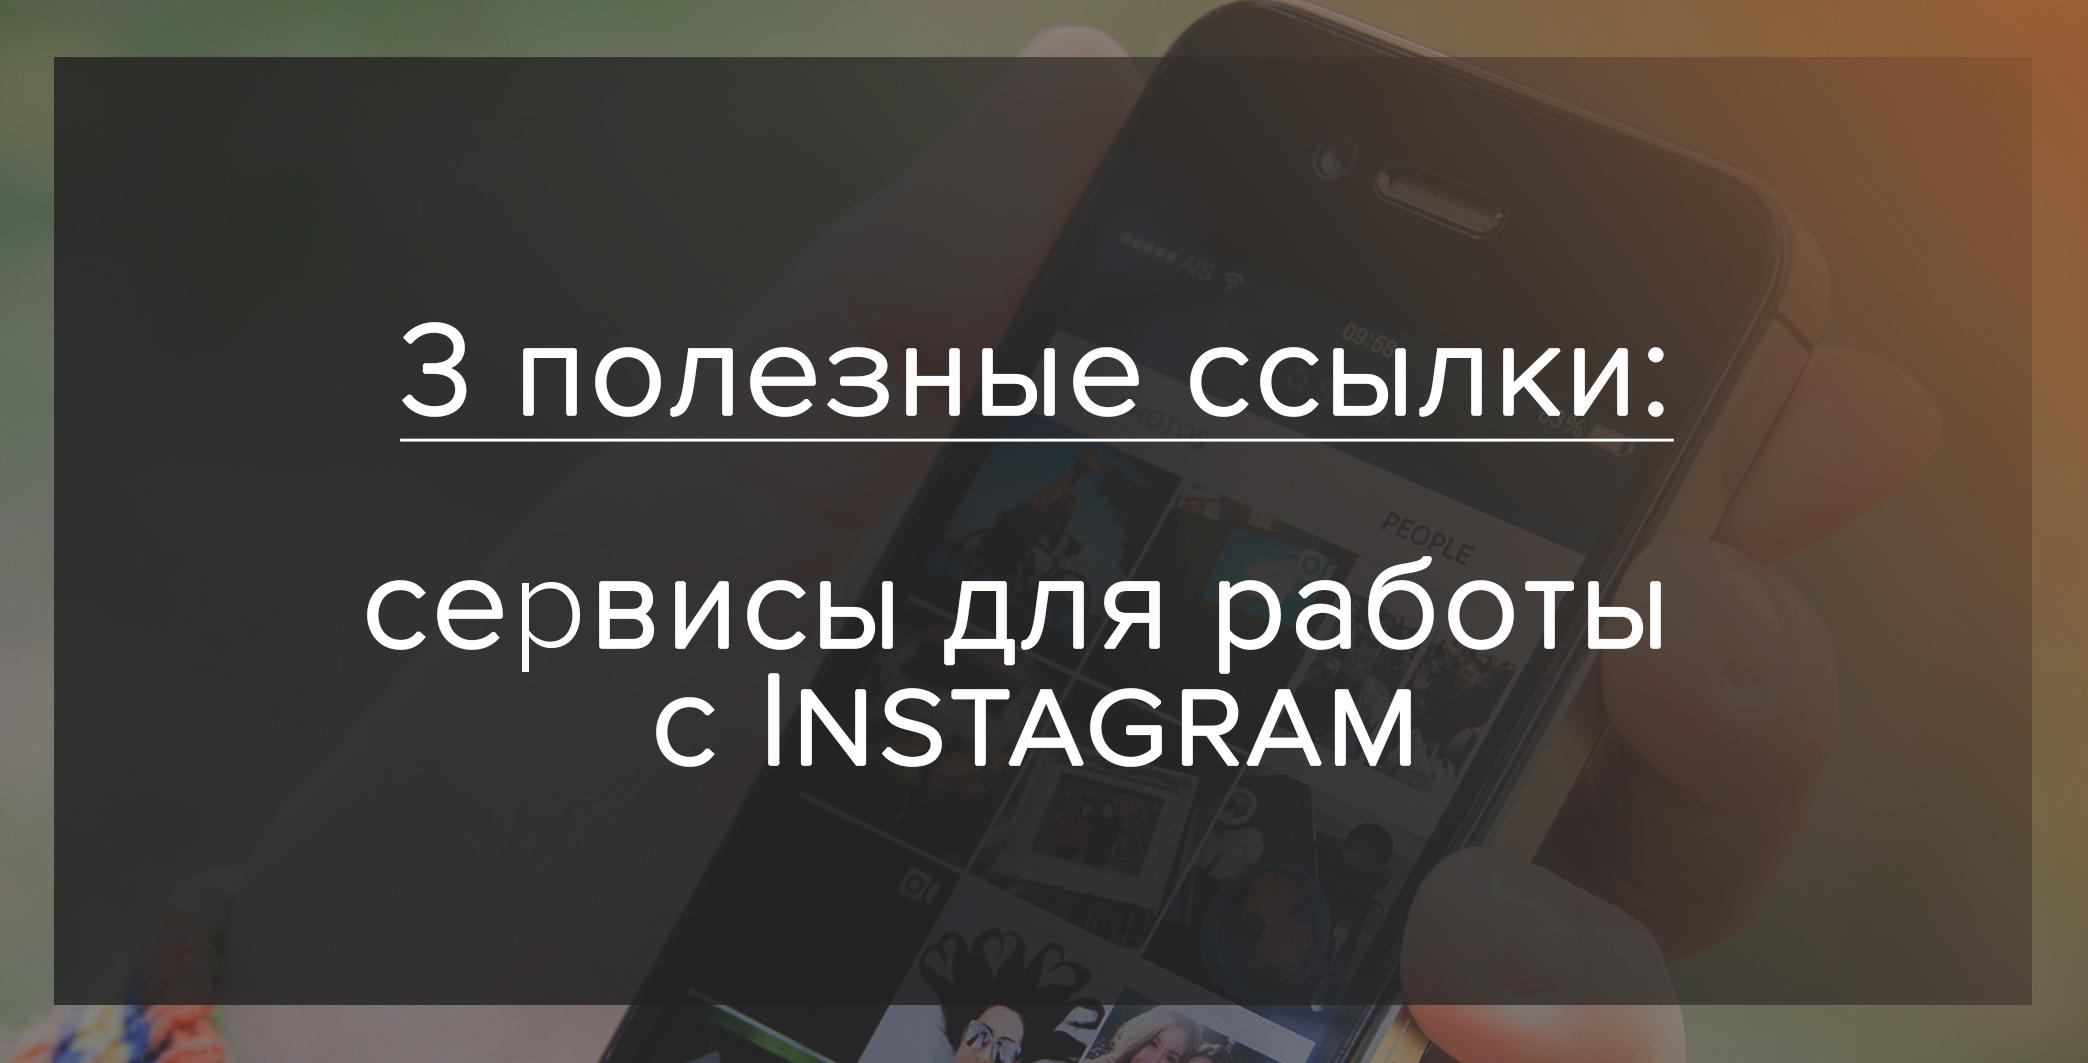 Три полезные ссылки. Сервисы для работы с Instagram